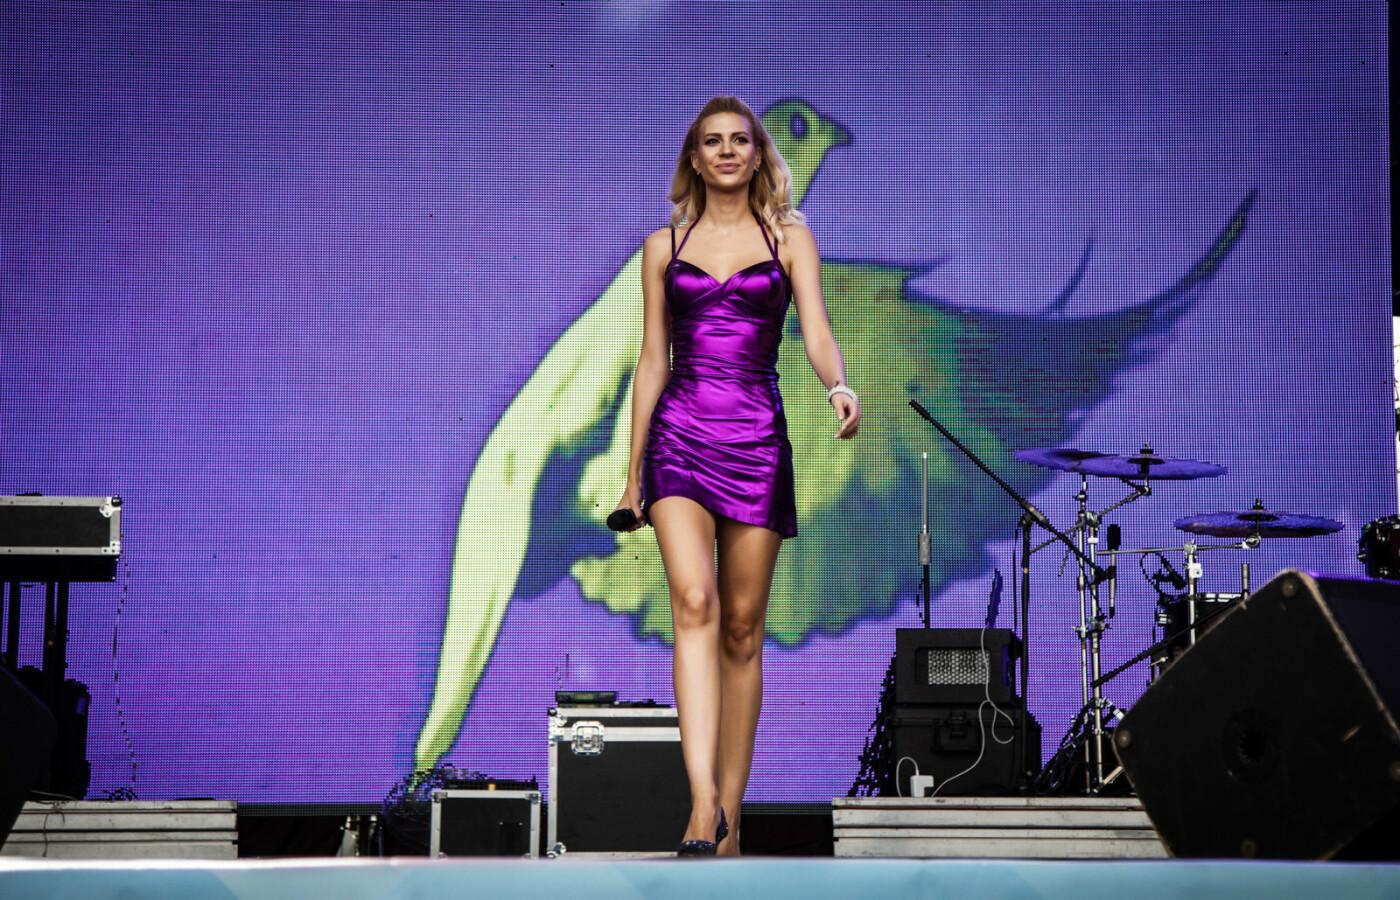 Встреча с Сергеем Рыбалка и концерт группы «НеАнгелы» стали самым масштабным событием в Лисичанске за десятилетие, фото-18